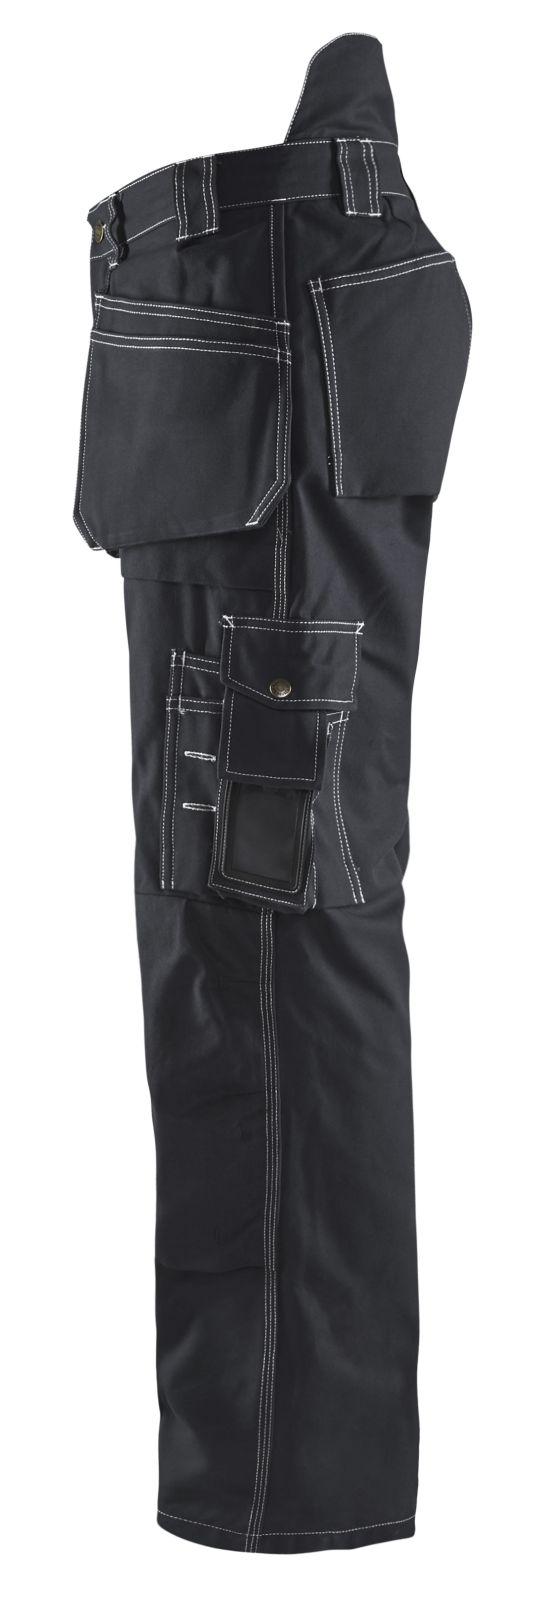 Blaklader Winterwerkbroeken 15151370 zwart(9900)